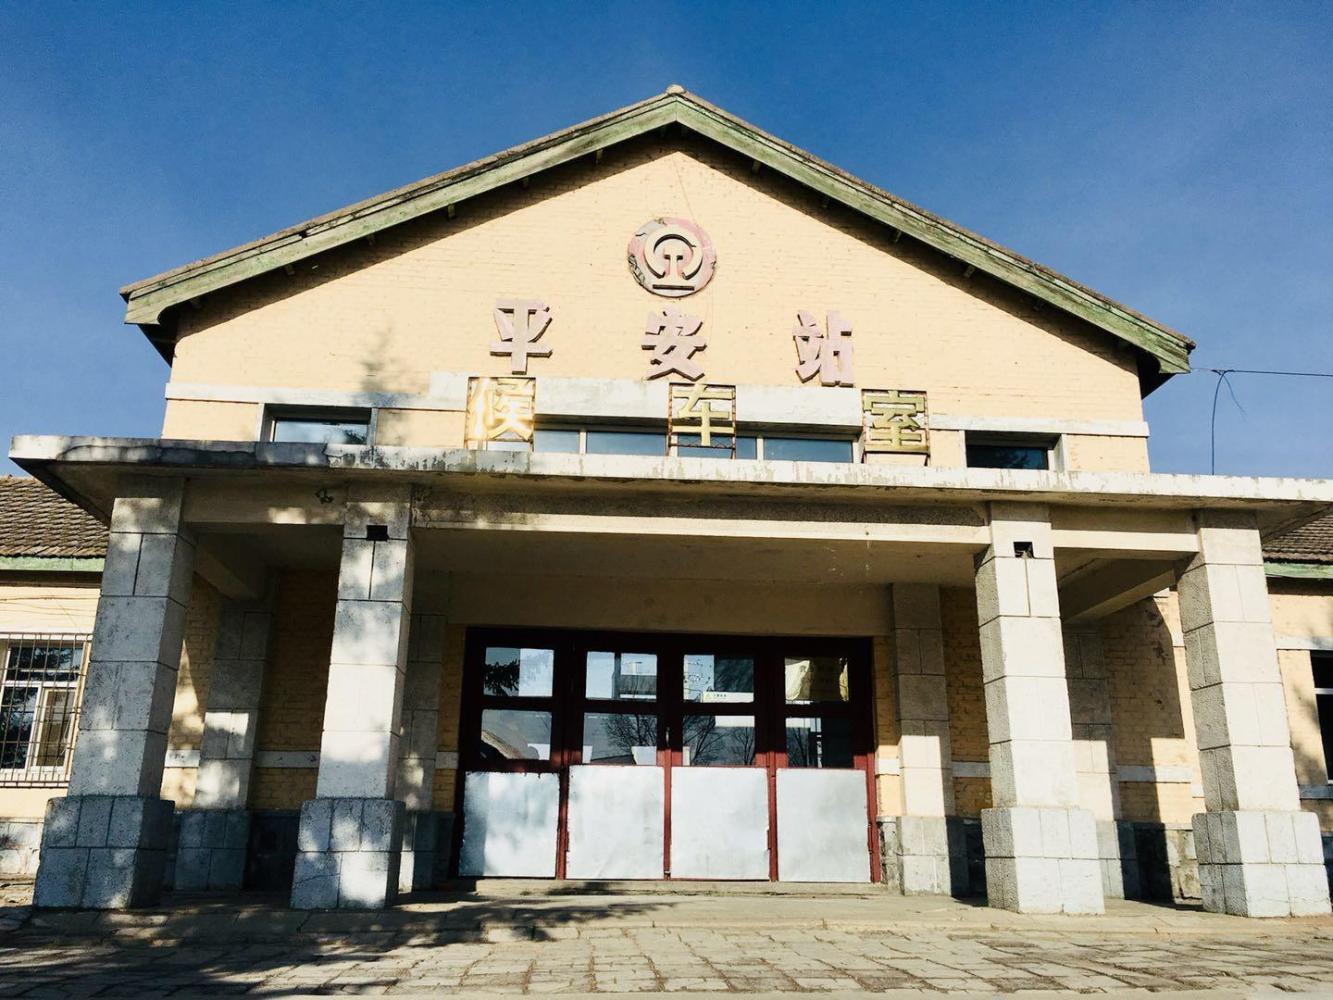 全中國最孤獨的火車站: 大媽每周坐火車來看兒子 一次4元錢